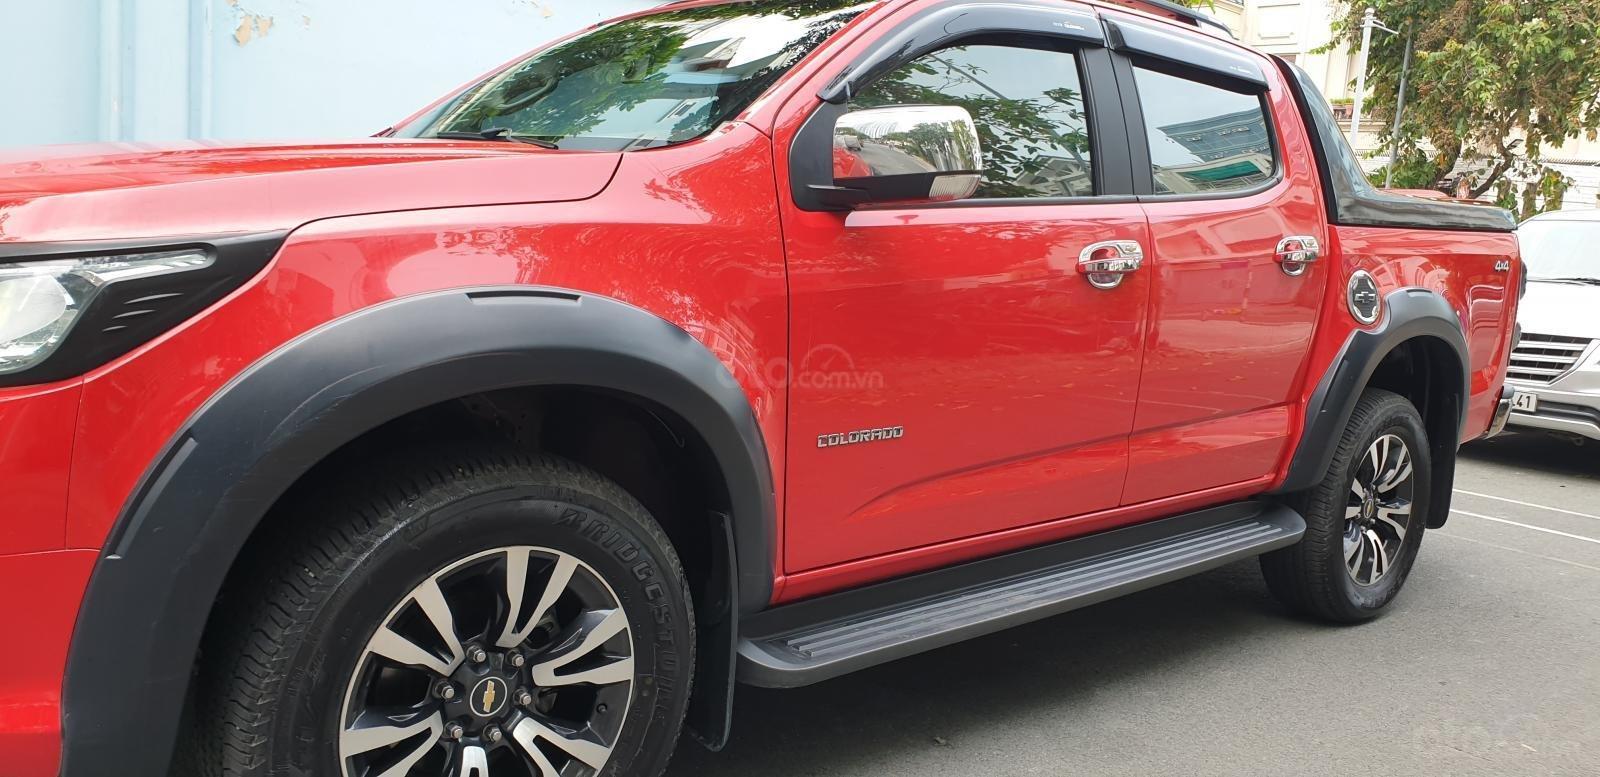 Bán Chevrolet Colorado LTZ 2 cầu số tự động đời 2017 màu đỏ nhập mới 80% (2)